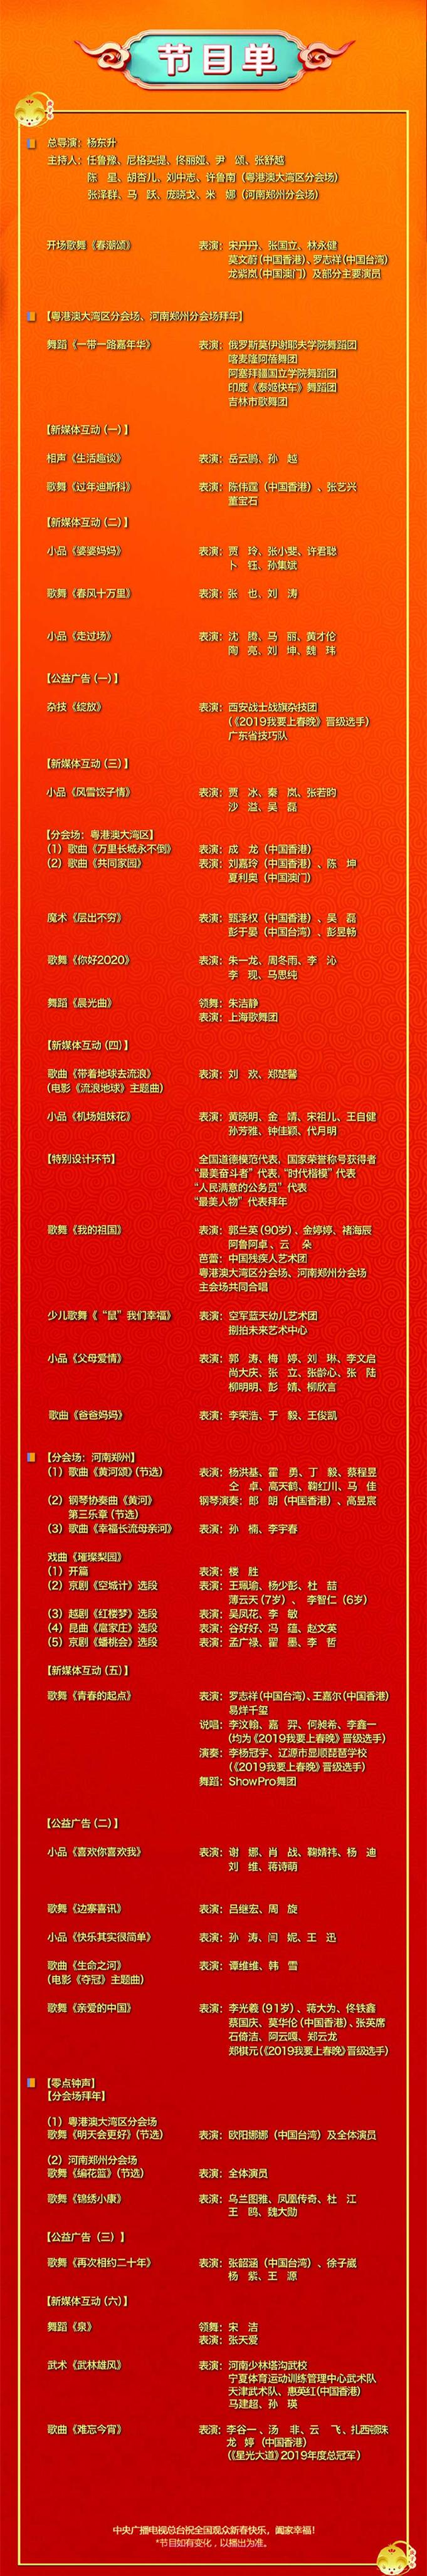 2020年央视春晚节目名单出炉_8点直播_共计30个节目